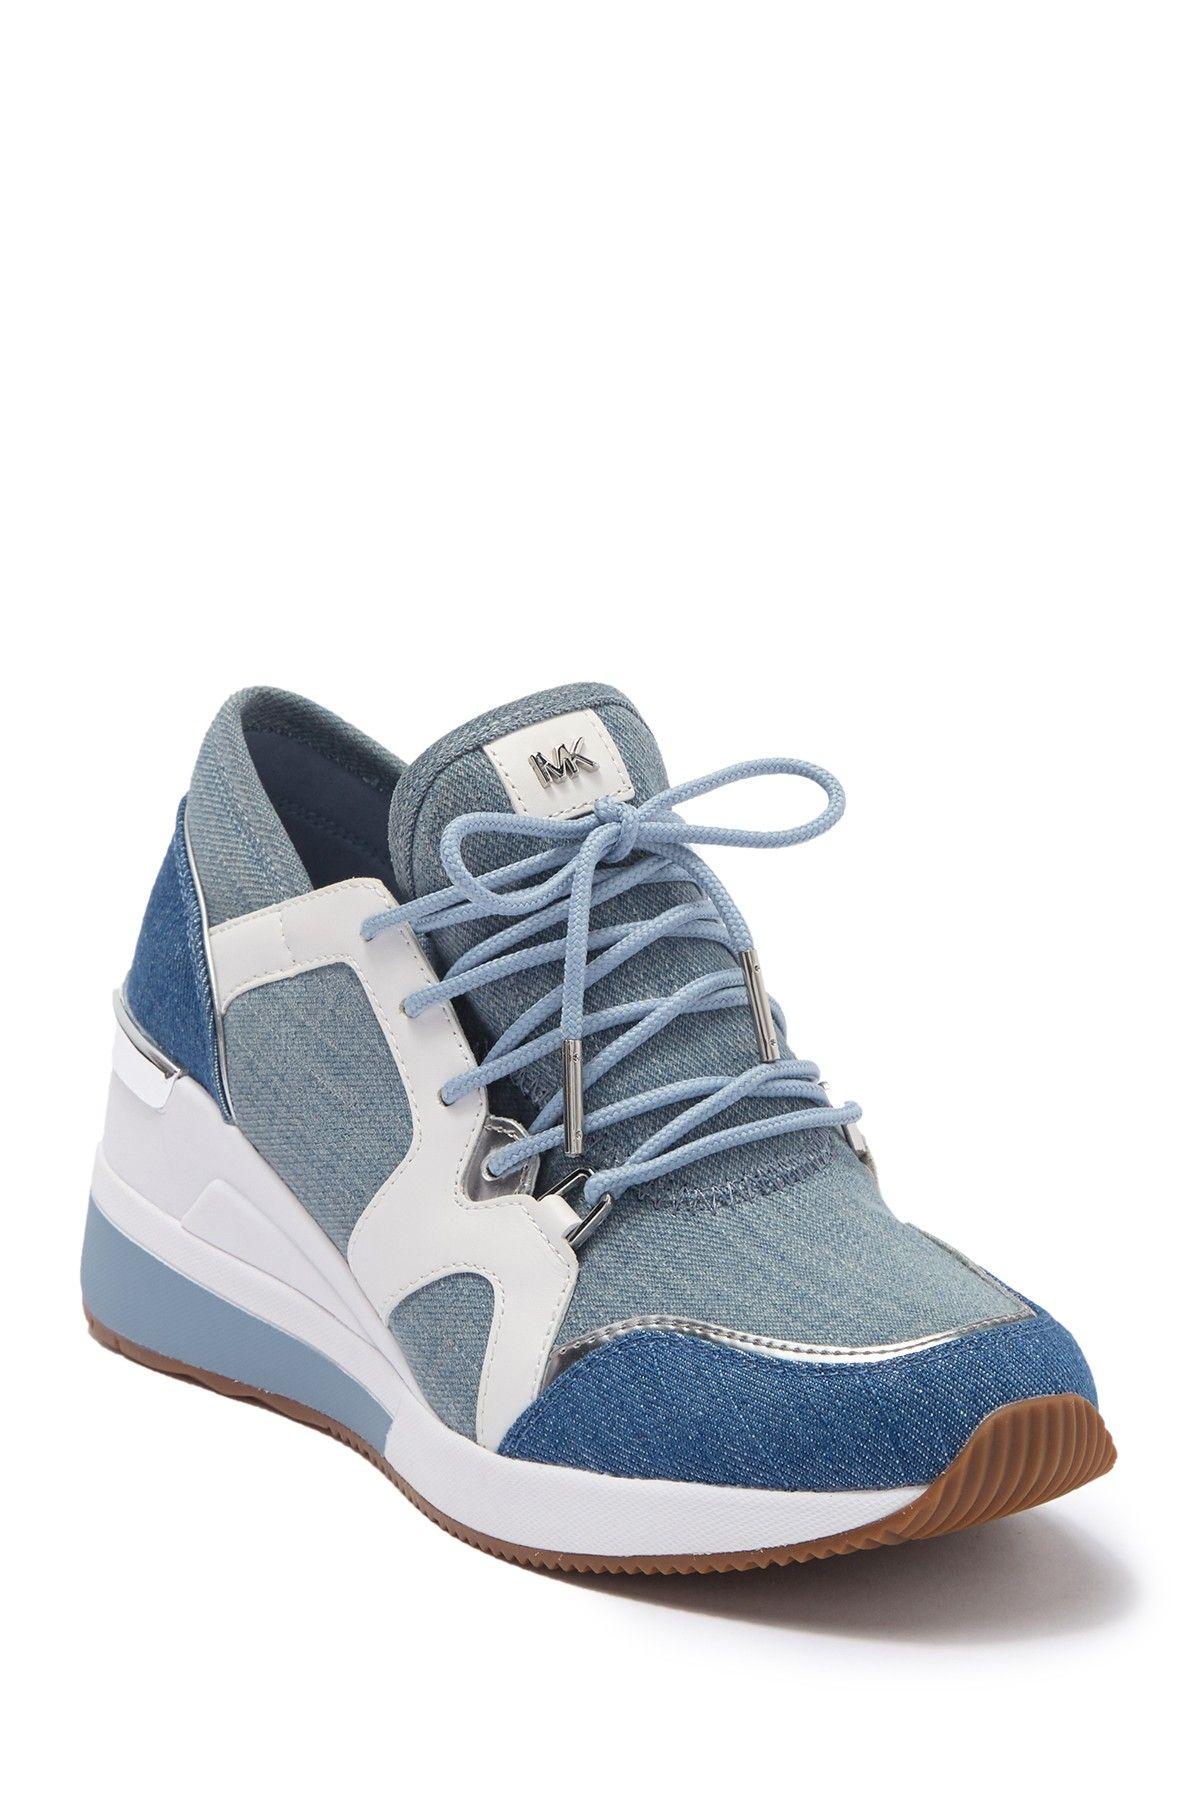 michael kors sneakers nordstrom rack